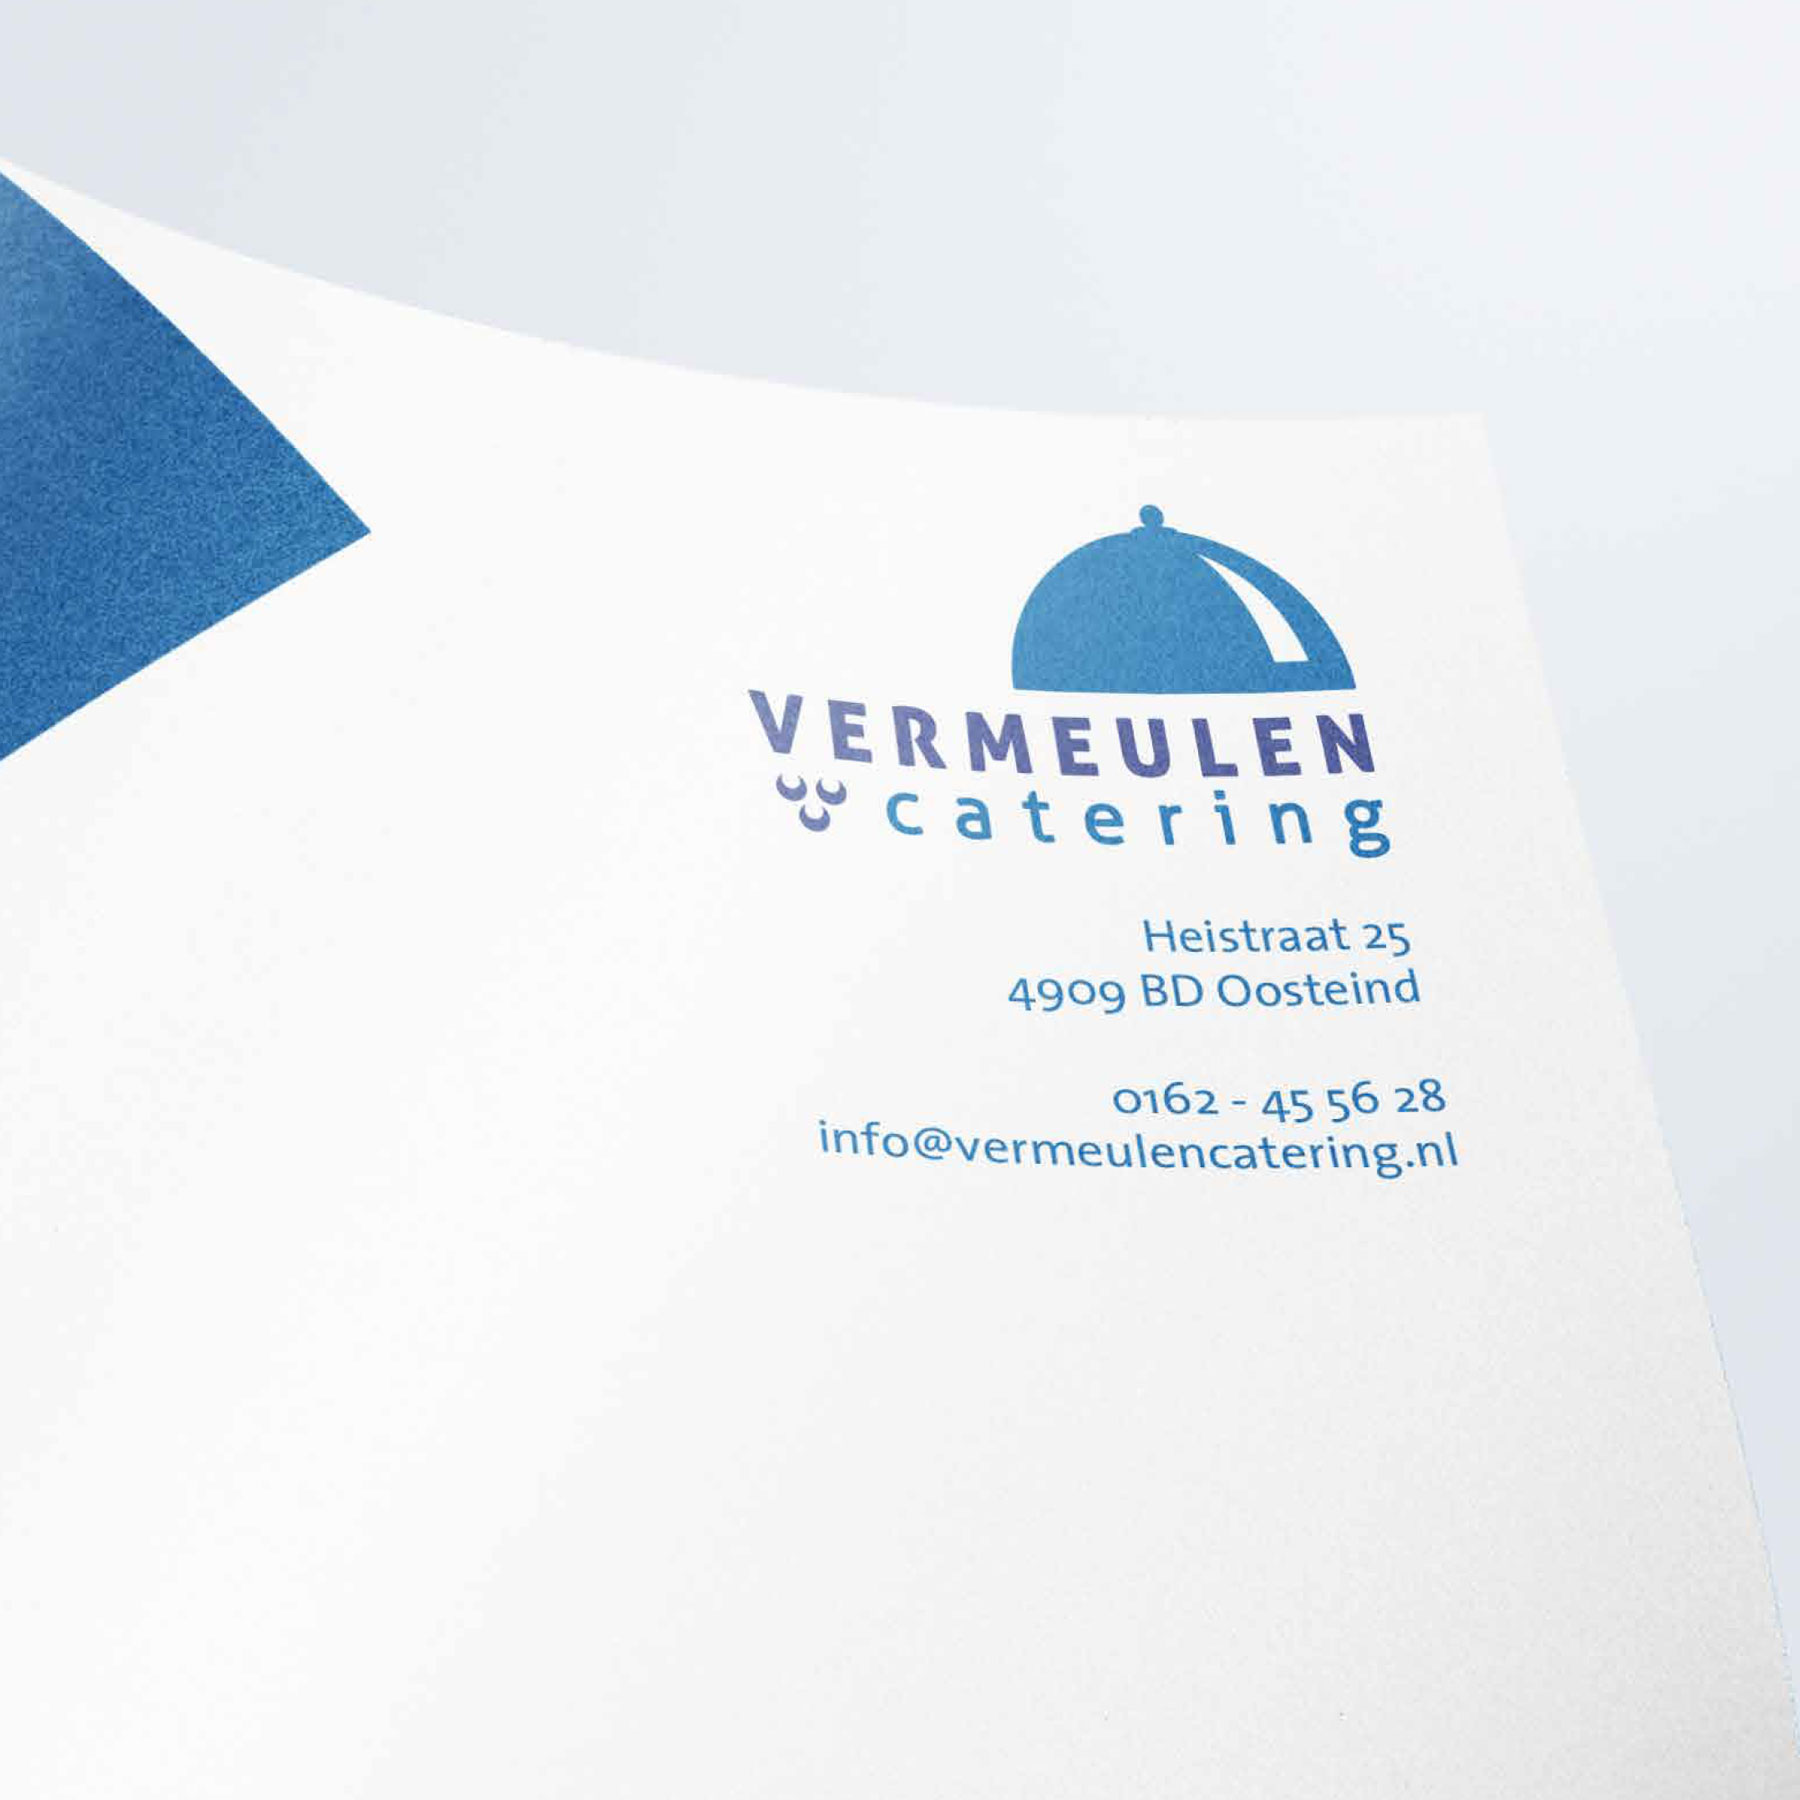 VermeulenCatering_01